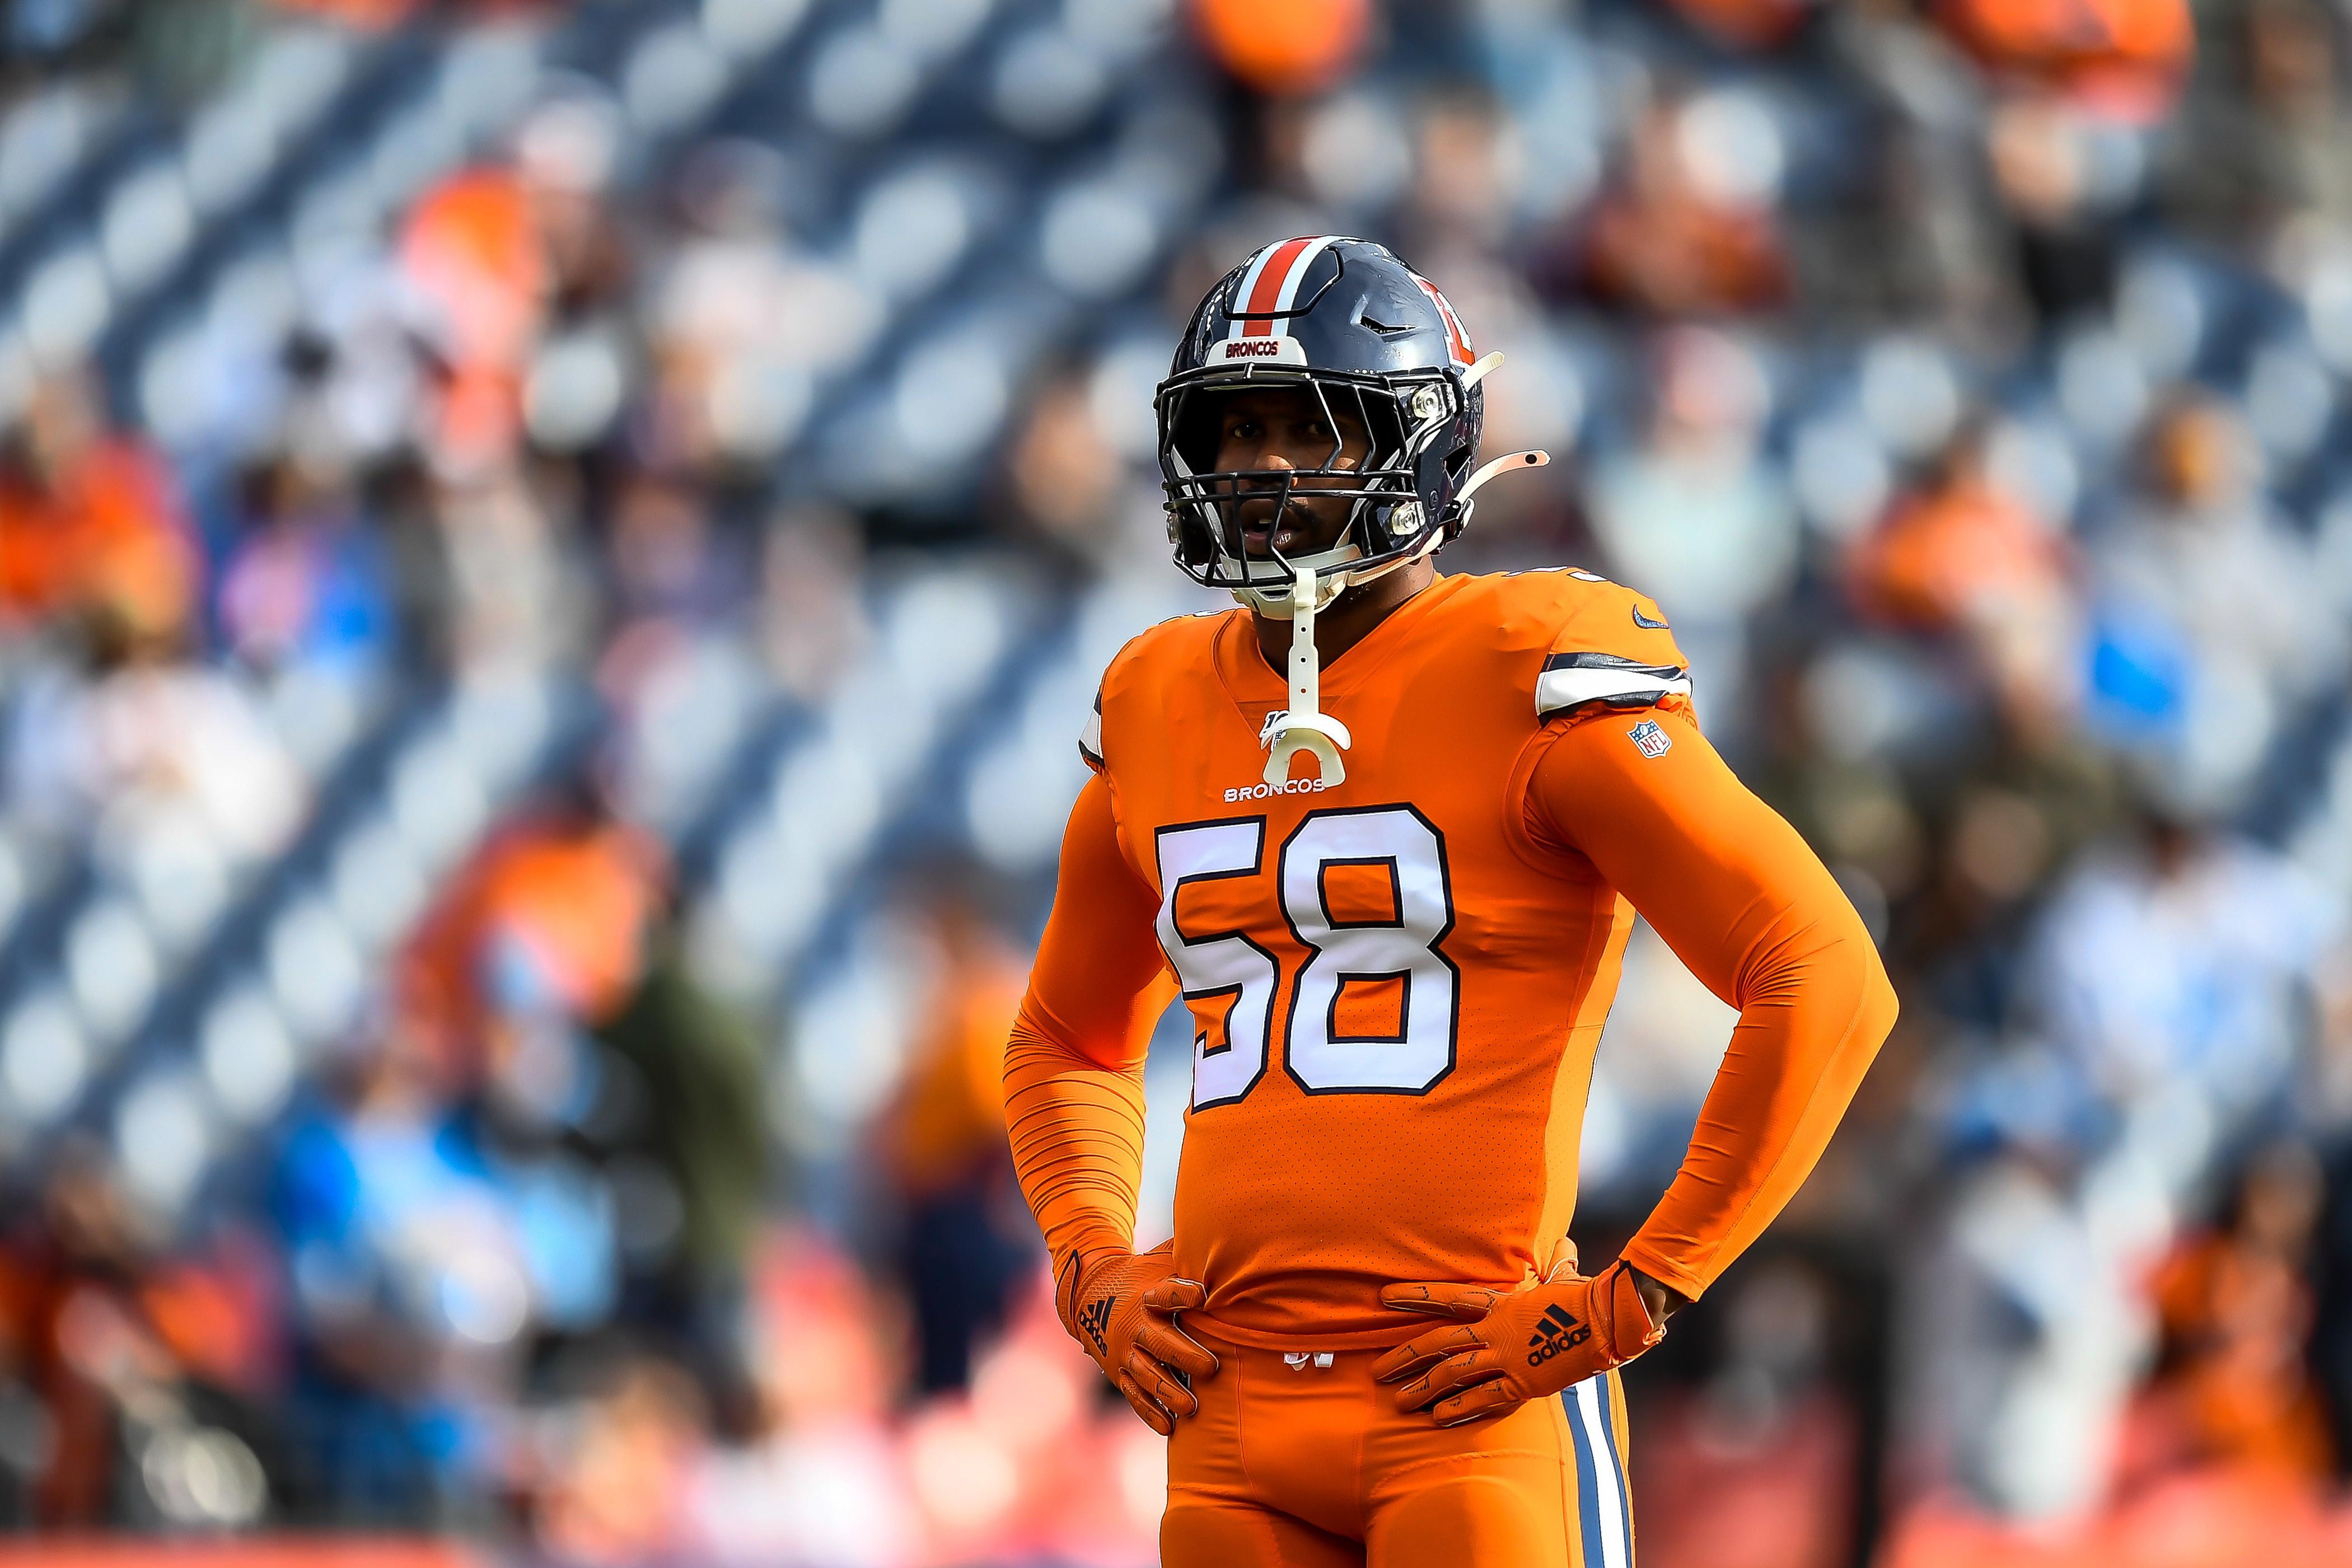 Von Miller (NFL - Denver Broncos)